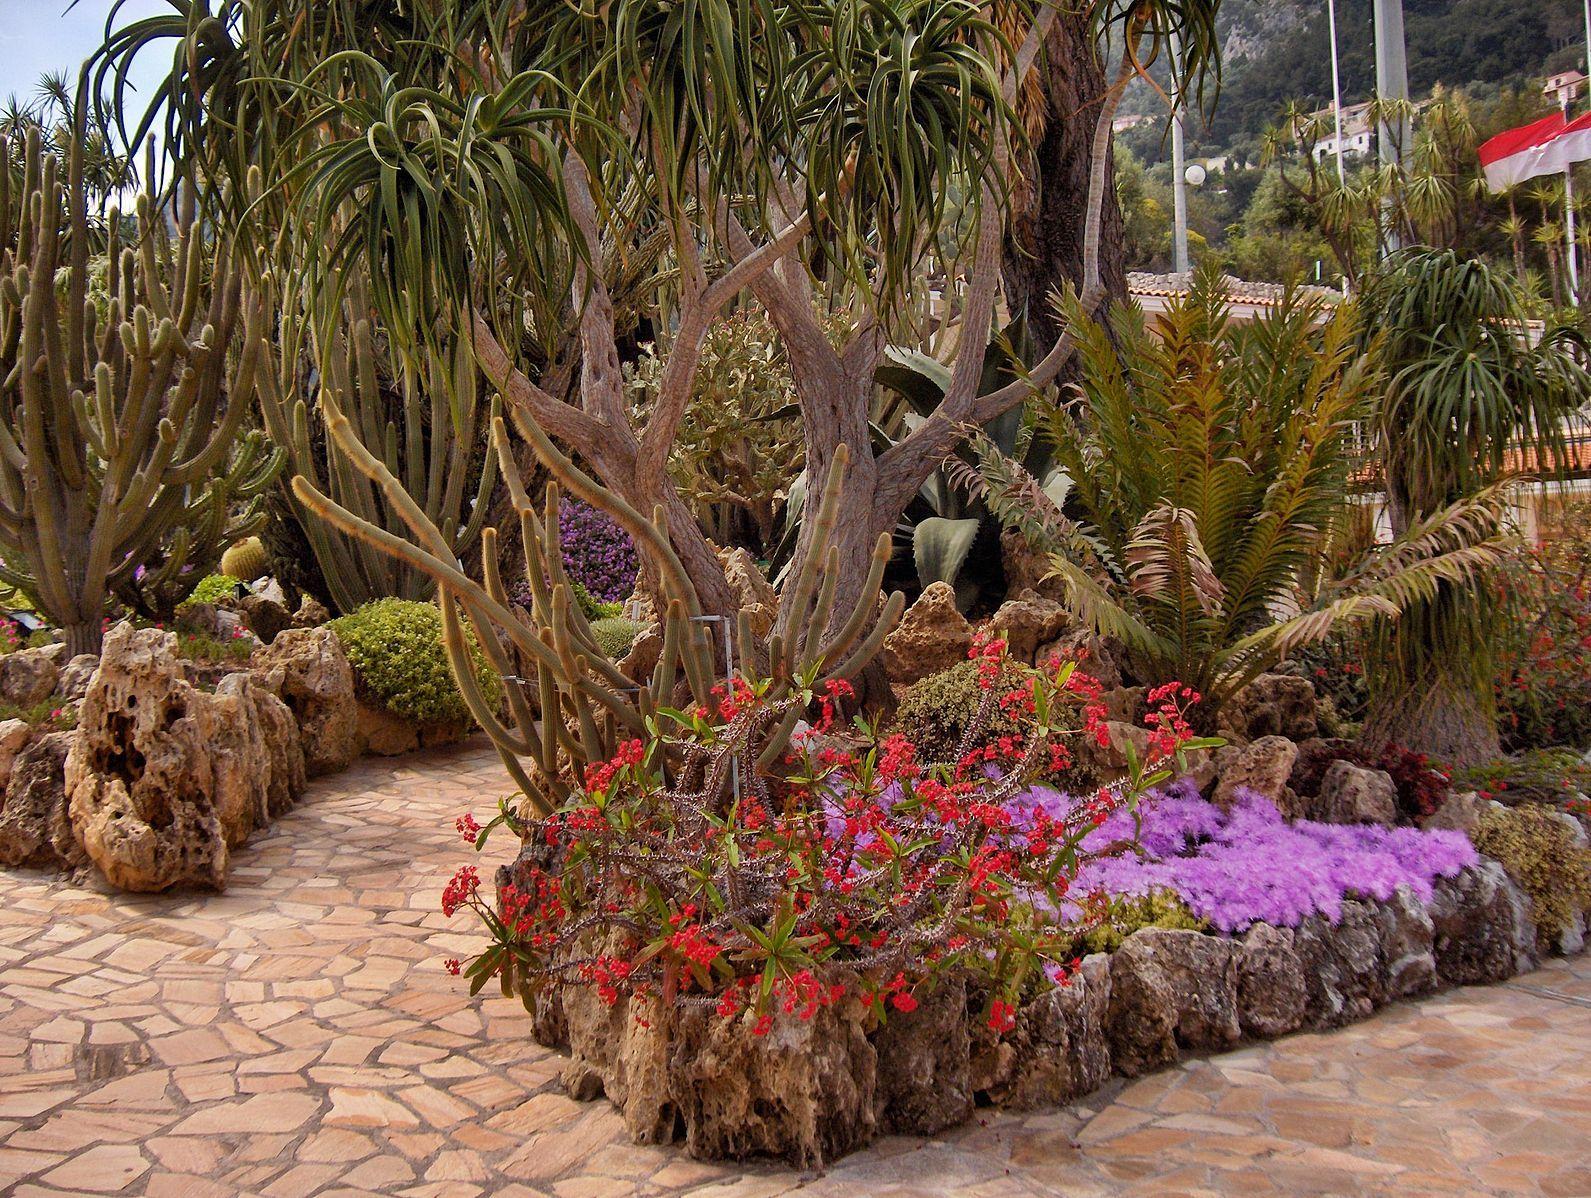 File:Monaco.Jardin exotique016.jpg | Fruits, Vegetables, Seeds ...